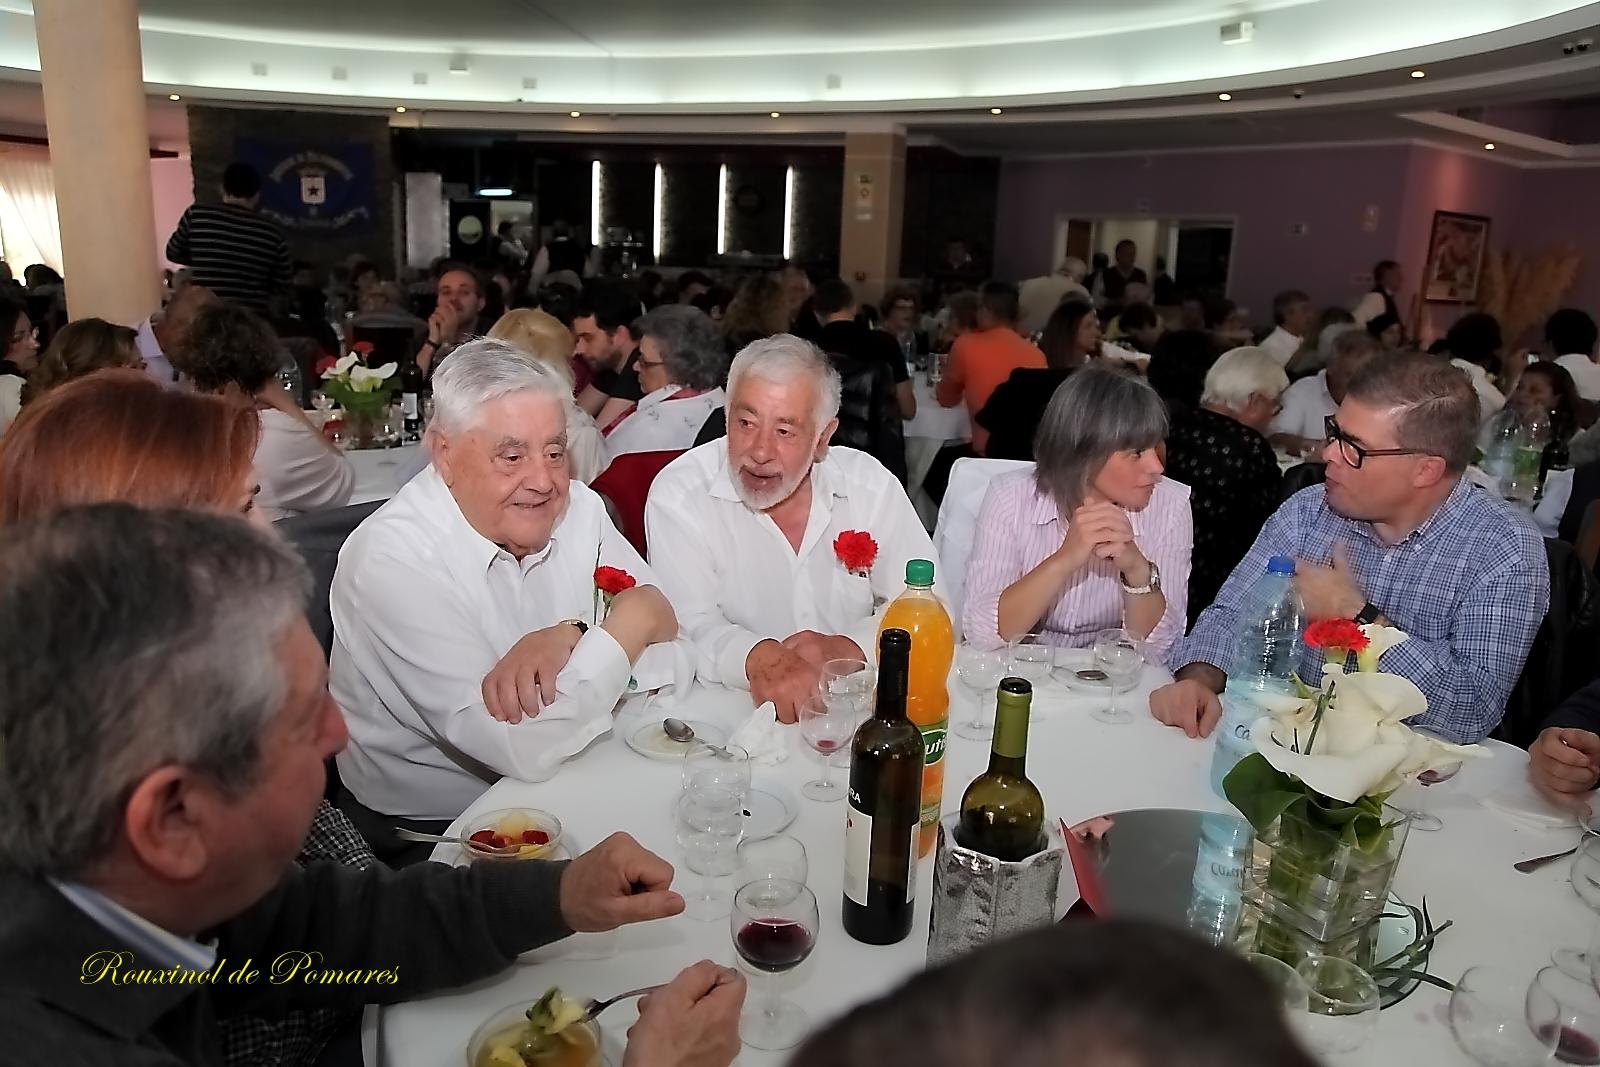 Almoço Comemoração 95 Anos Sociedade  (30)